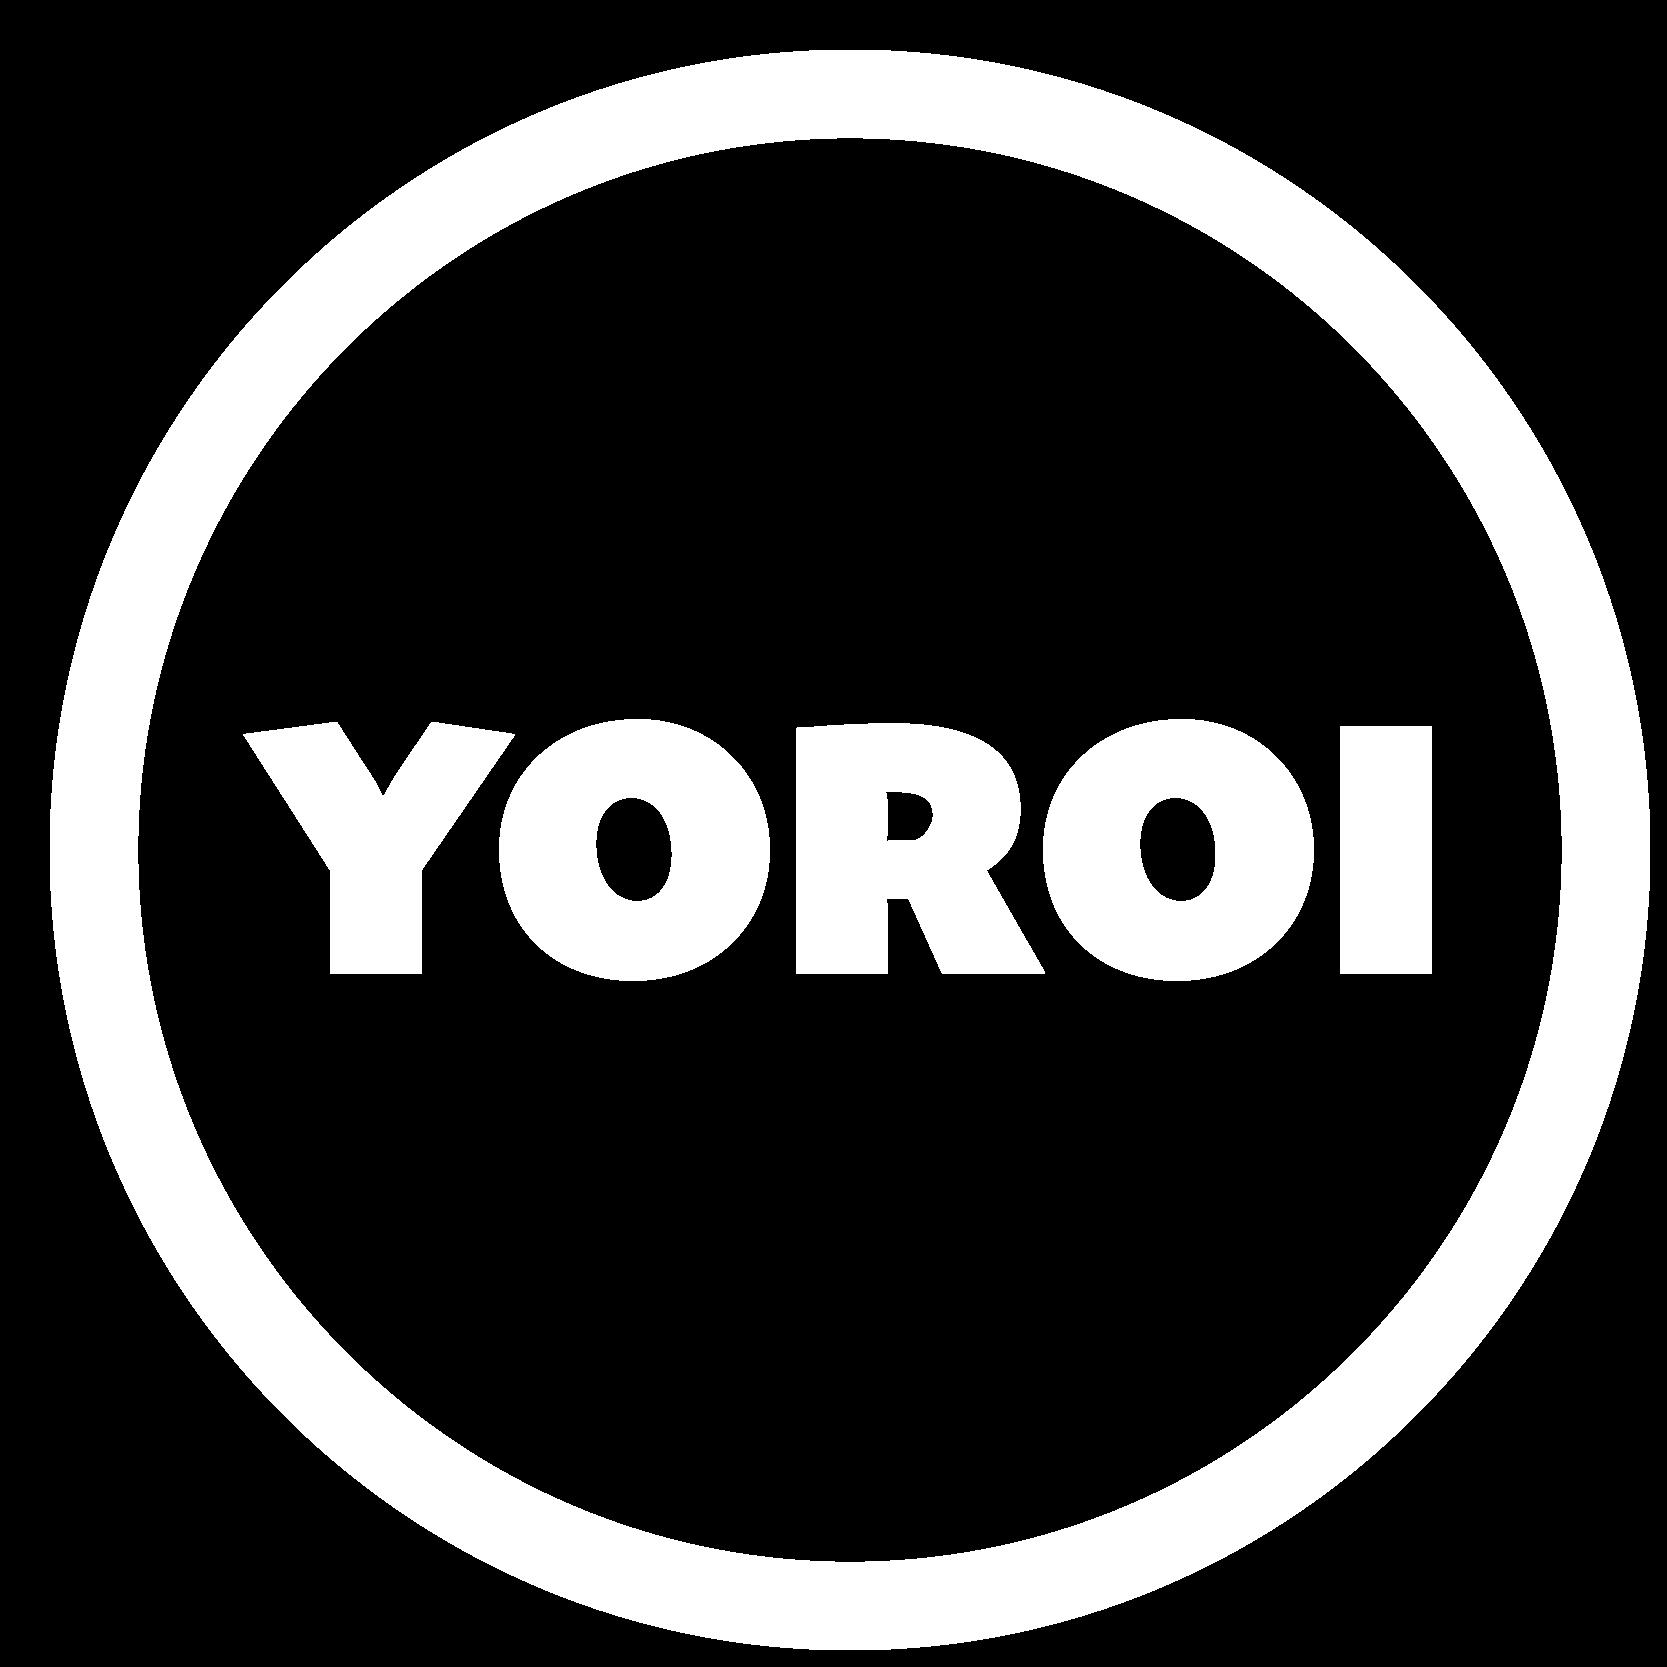 logo Yoroi